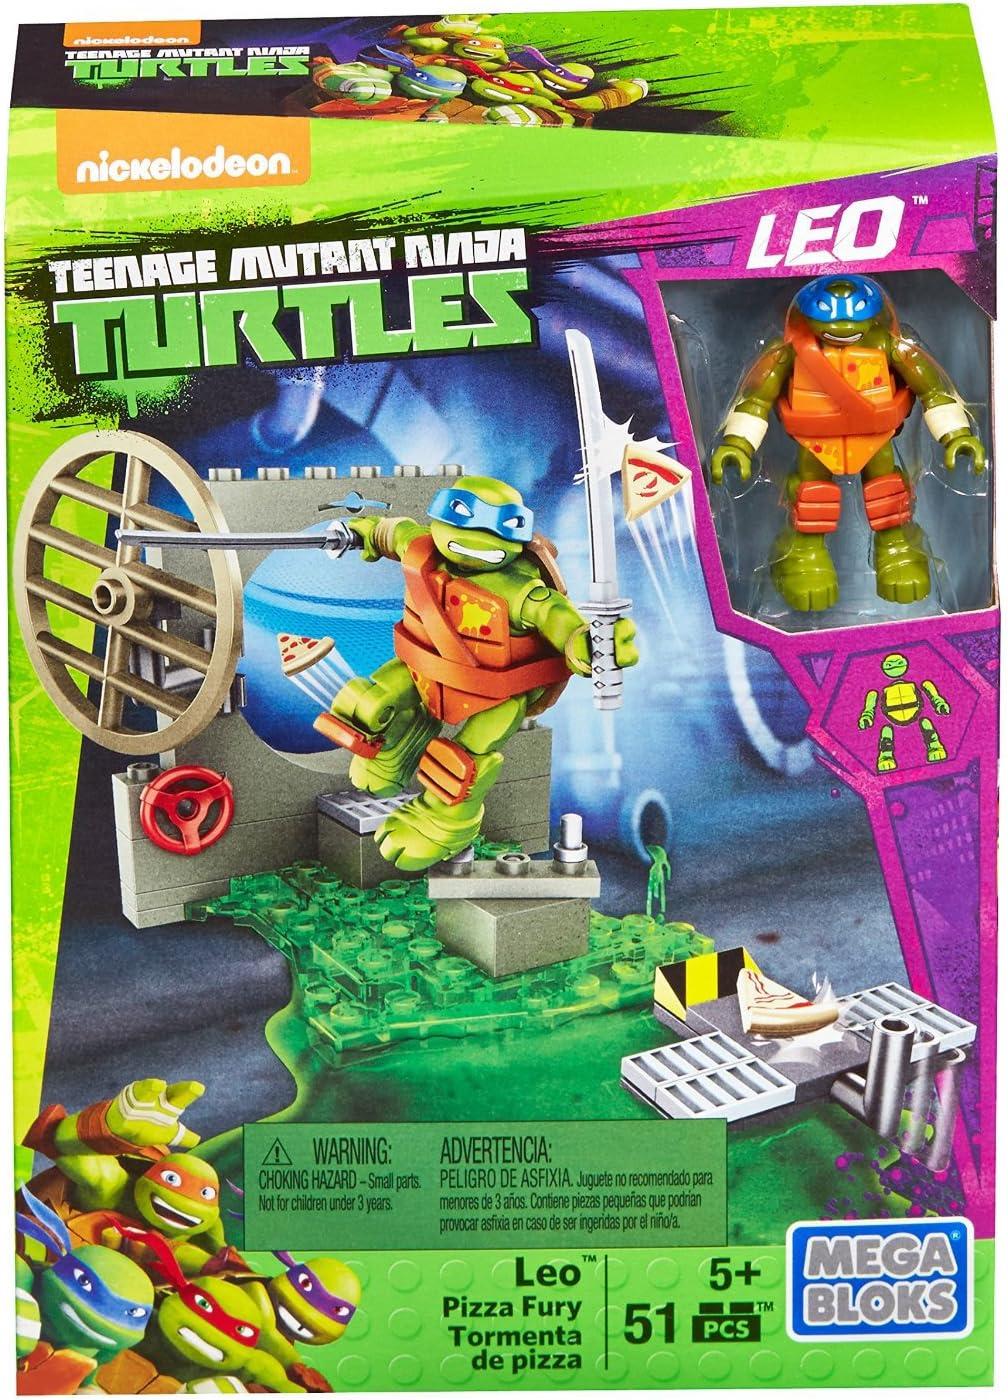 Amazon.com: Mega Bloks Teenage Mutant Ninja Turtles Leo ...